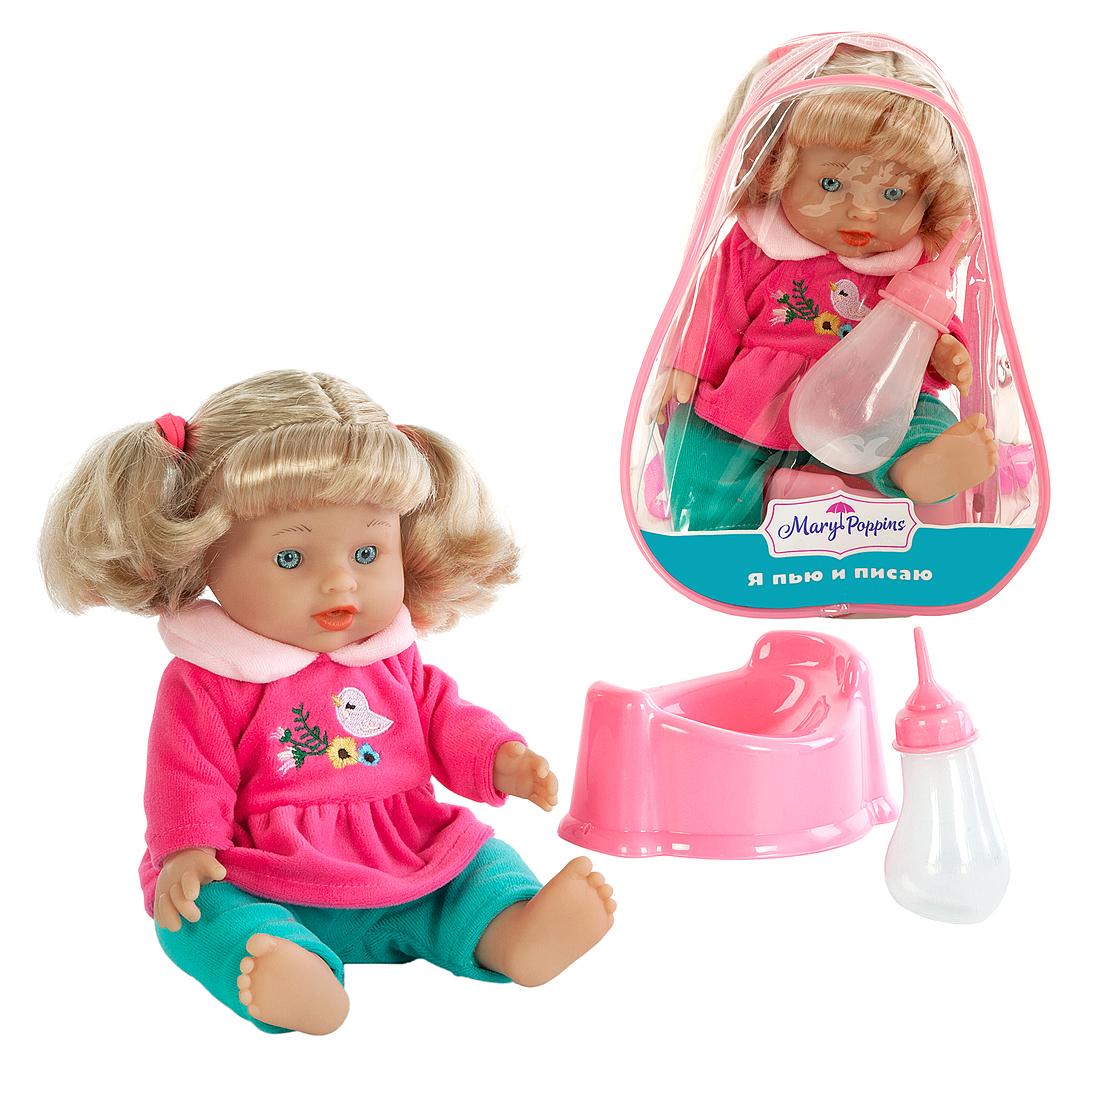 Другие куклы Mary Poppins Кукла Mary Poppins «Лизи: Пью и писаю» 30 см mary poppins mary poppins кукла интерактивная я морщу носик маша page 1